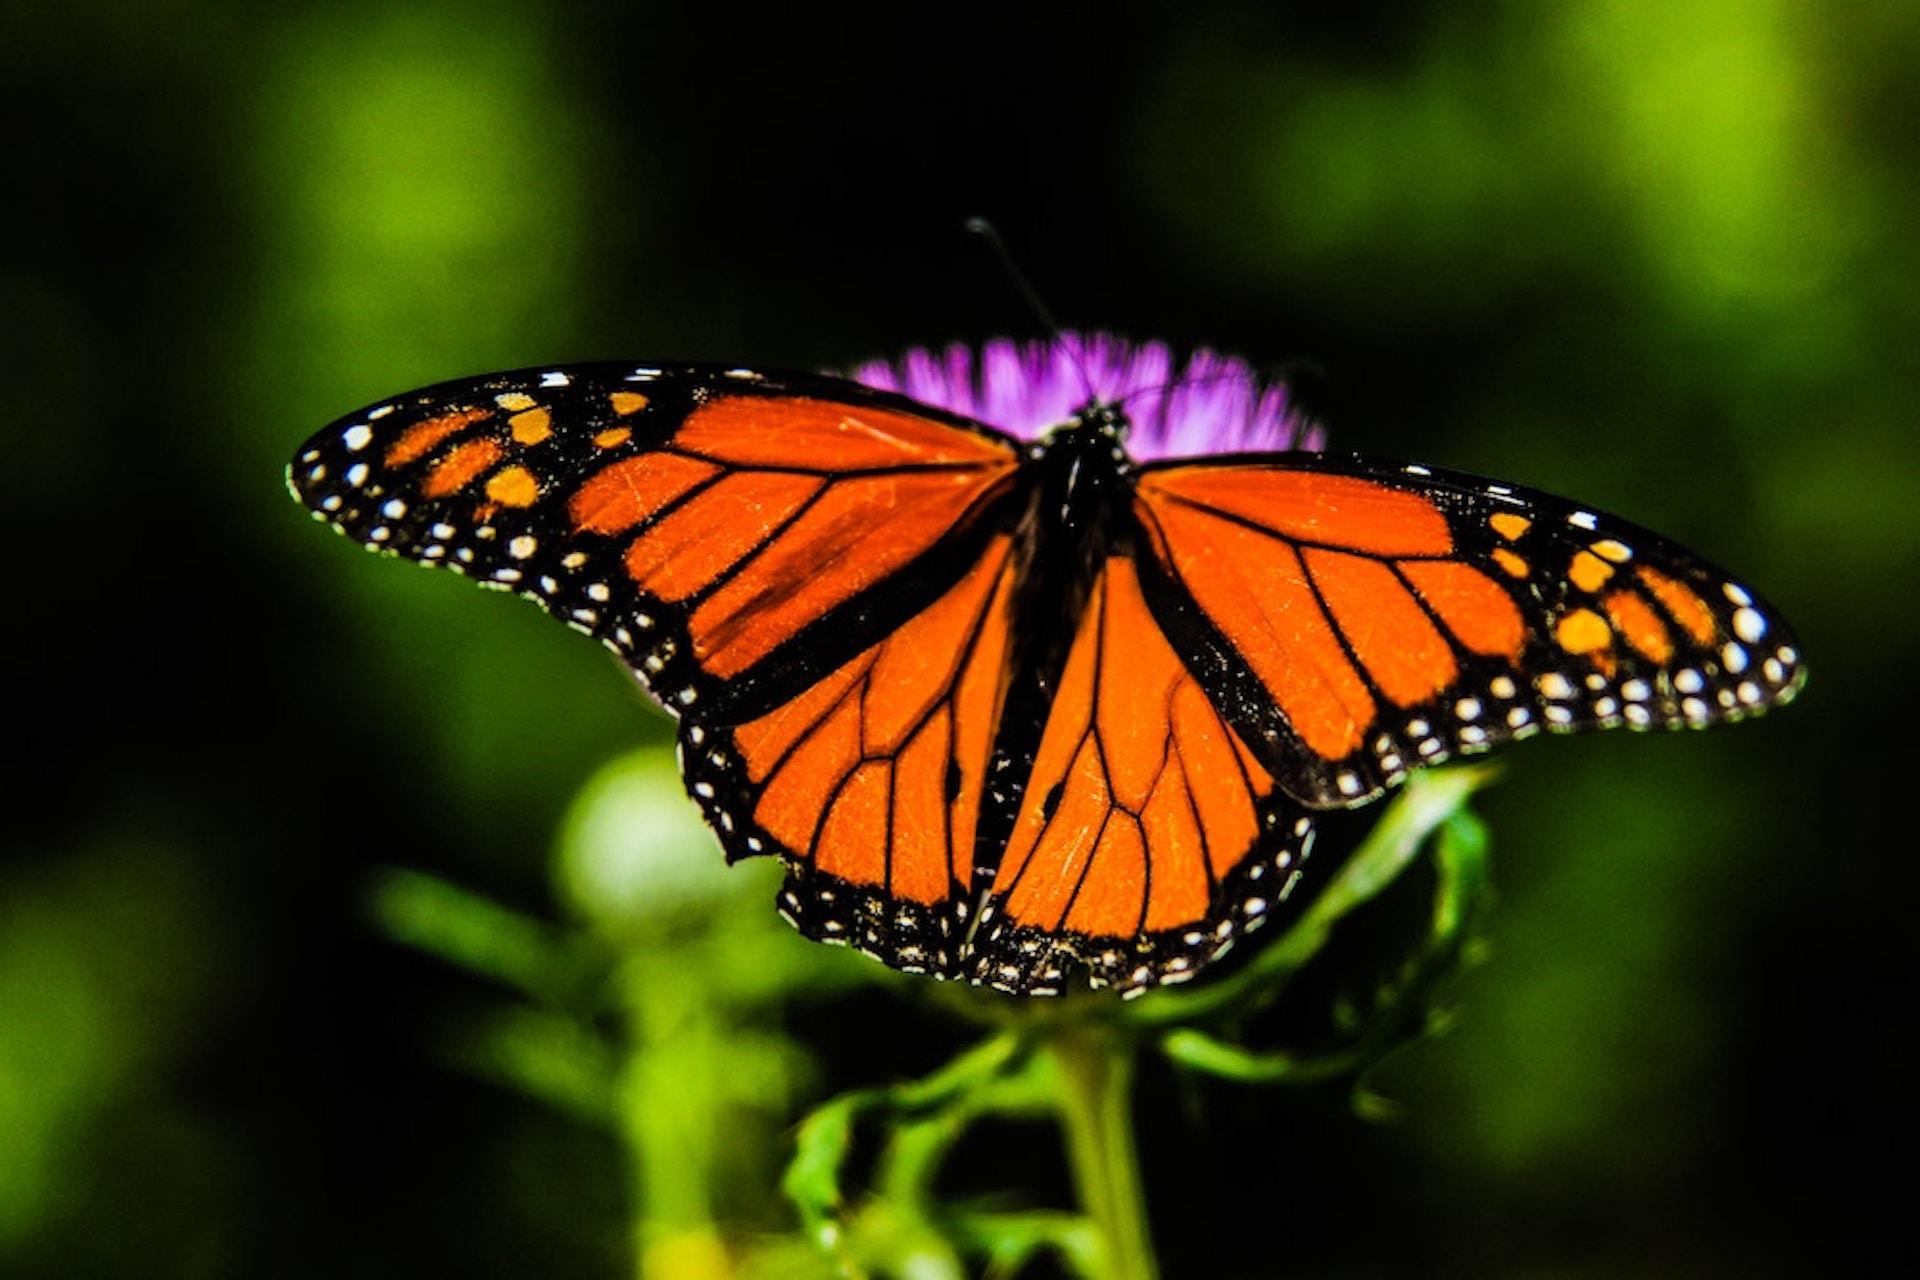 Schilddrüsenunterfunktion – Wenn der Schmetterling im Hals nicht mehr fliegt